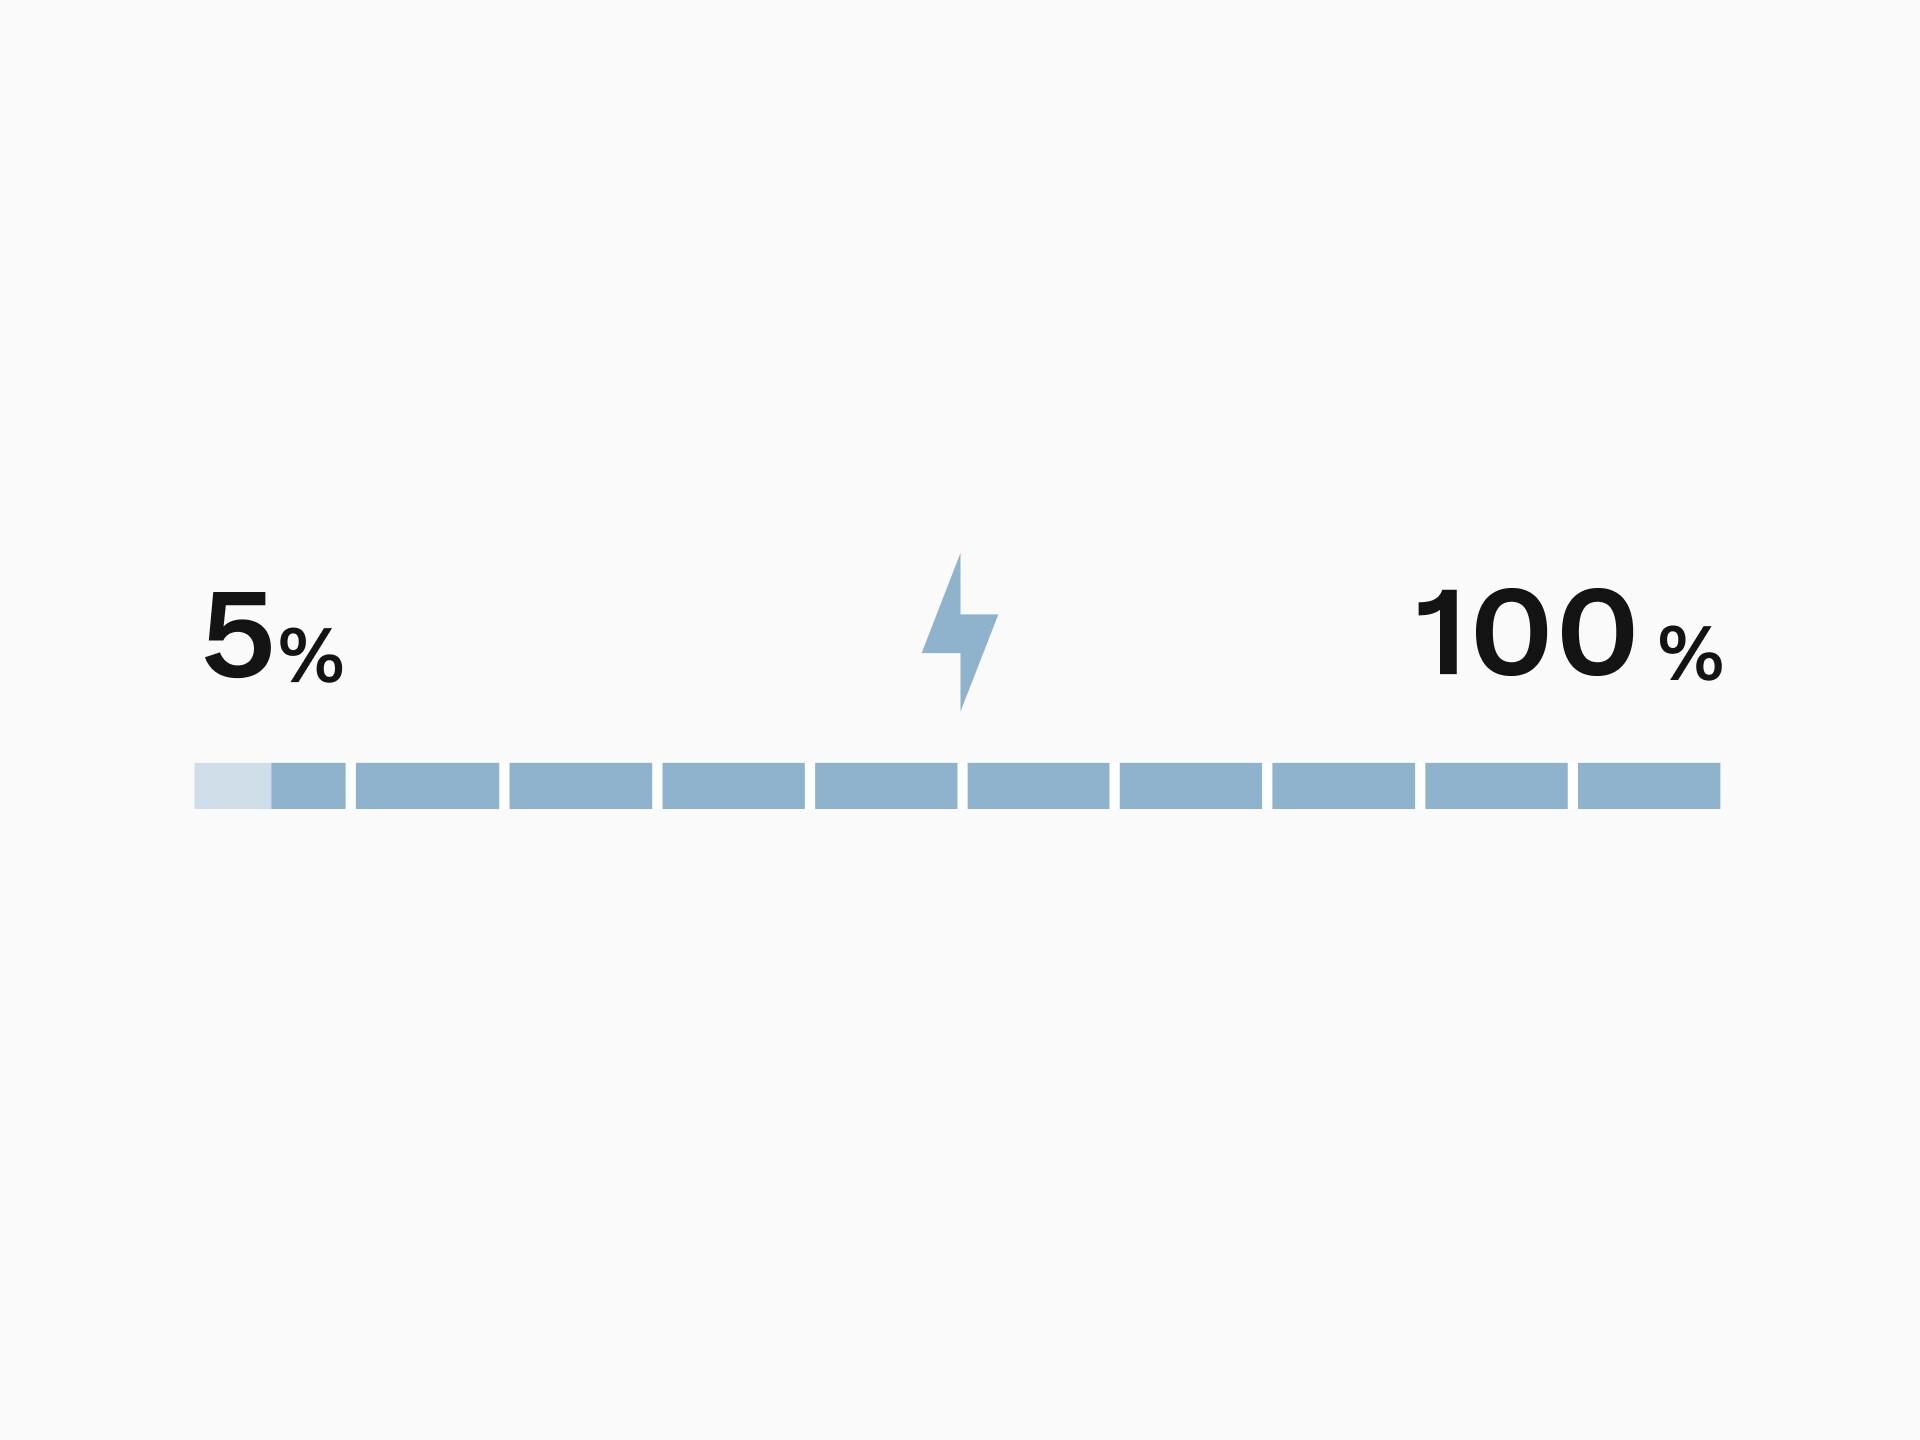 顯示電池充電百分比的長條圖,顯示範圍 5% 至 100%,表示插電式混合動力電池的理想運作範圍。